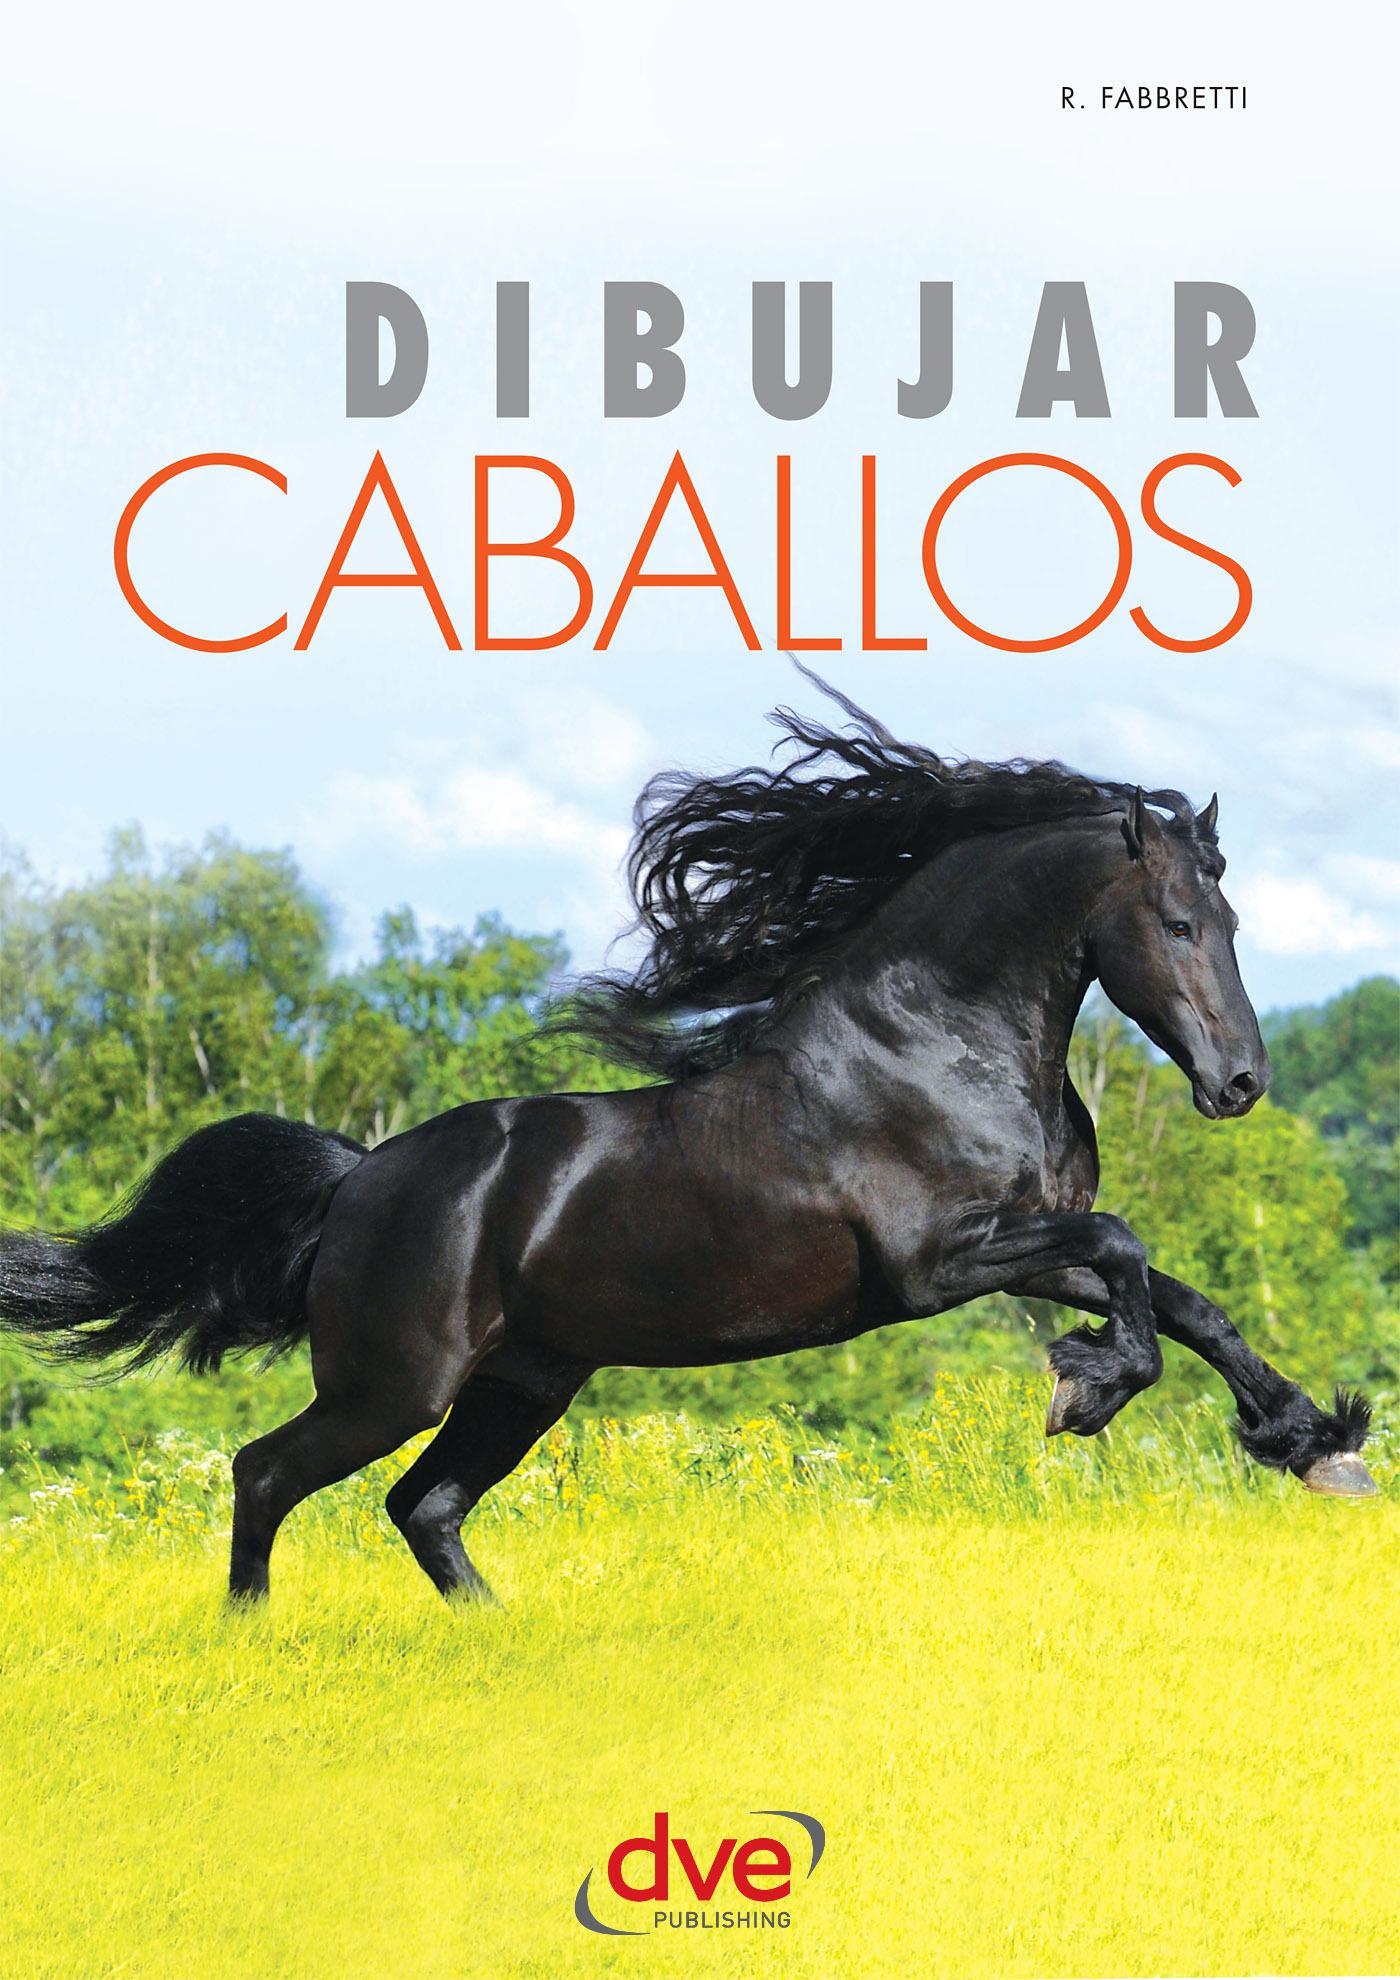 Fabbretti, Roberto - Dibujar caballos, ebook